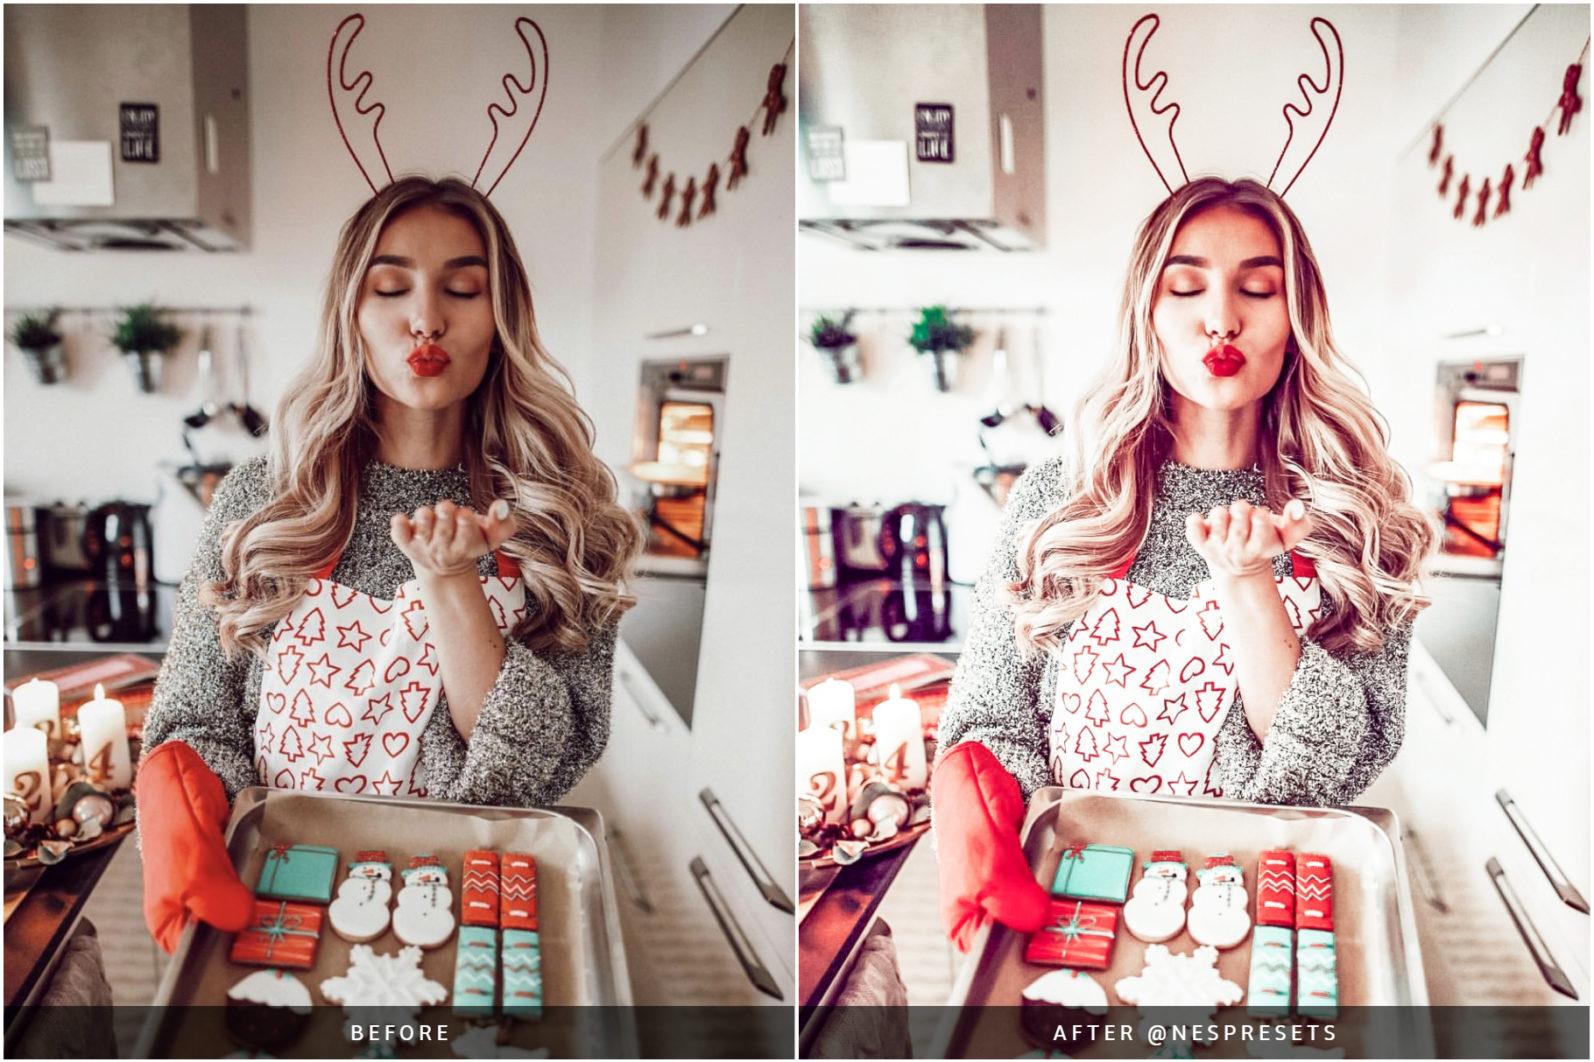 260 Lightroom Presets BUNDLE - Mobile & Desktop Presets - Christmas Preset Preview 01 -